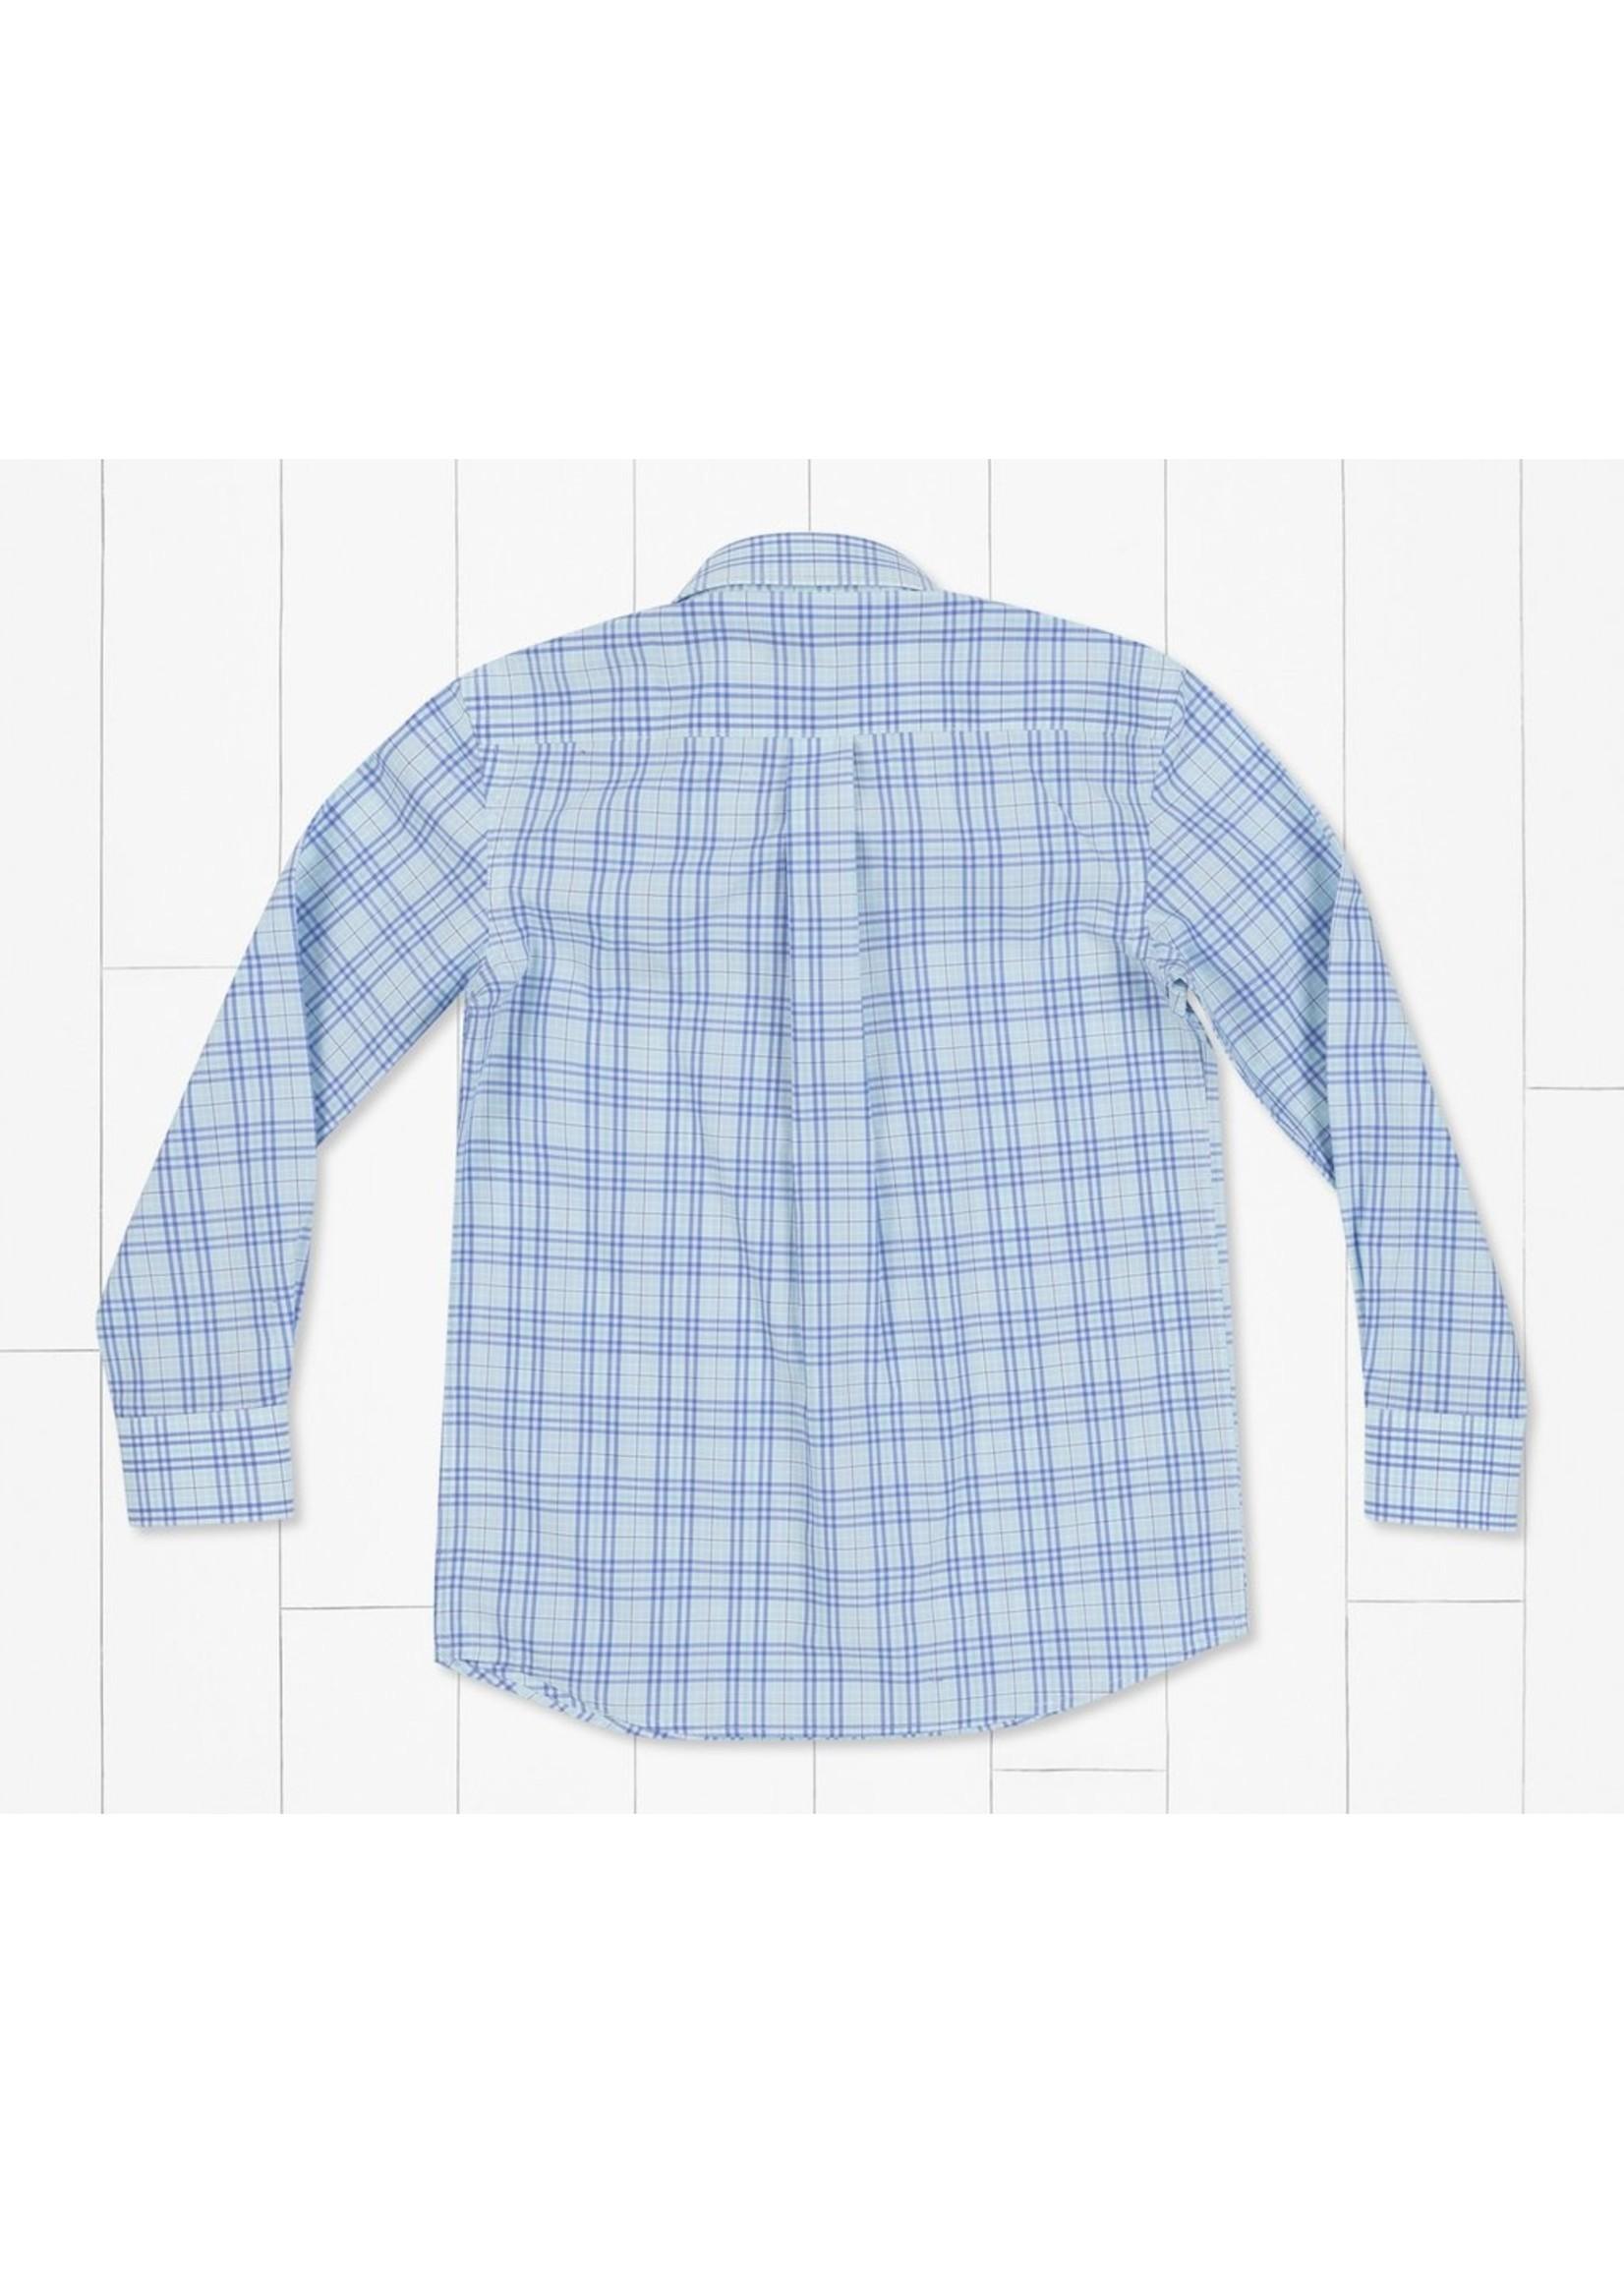 Southern Marsh Youth Charlotte Windowpane Dress Shirt